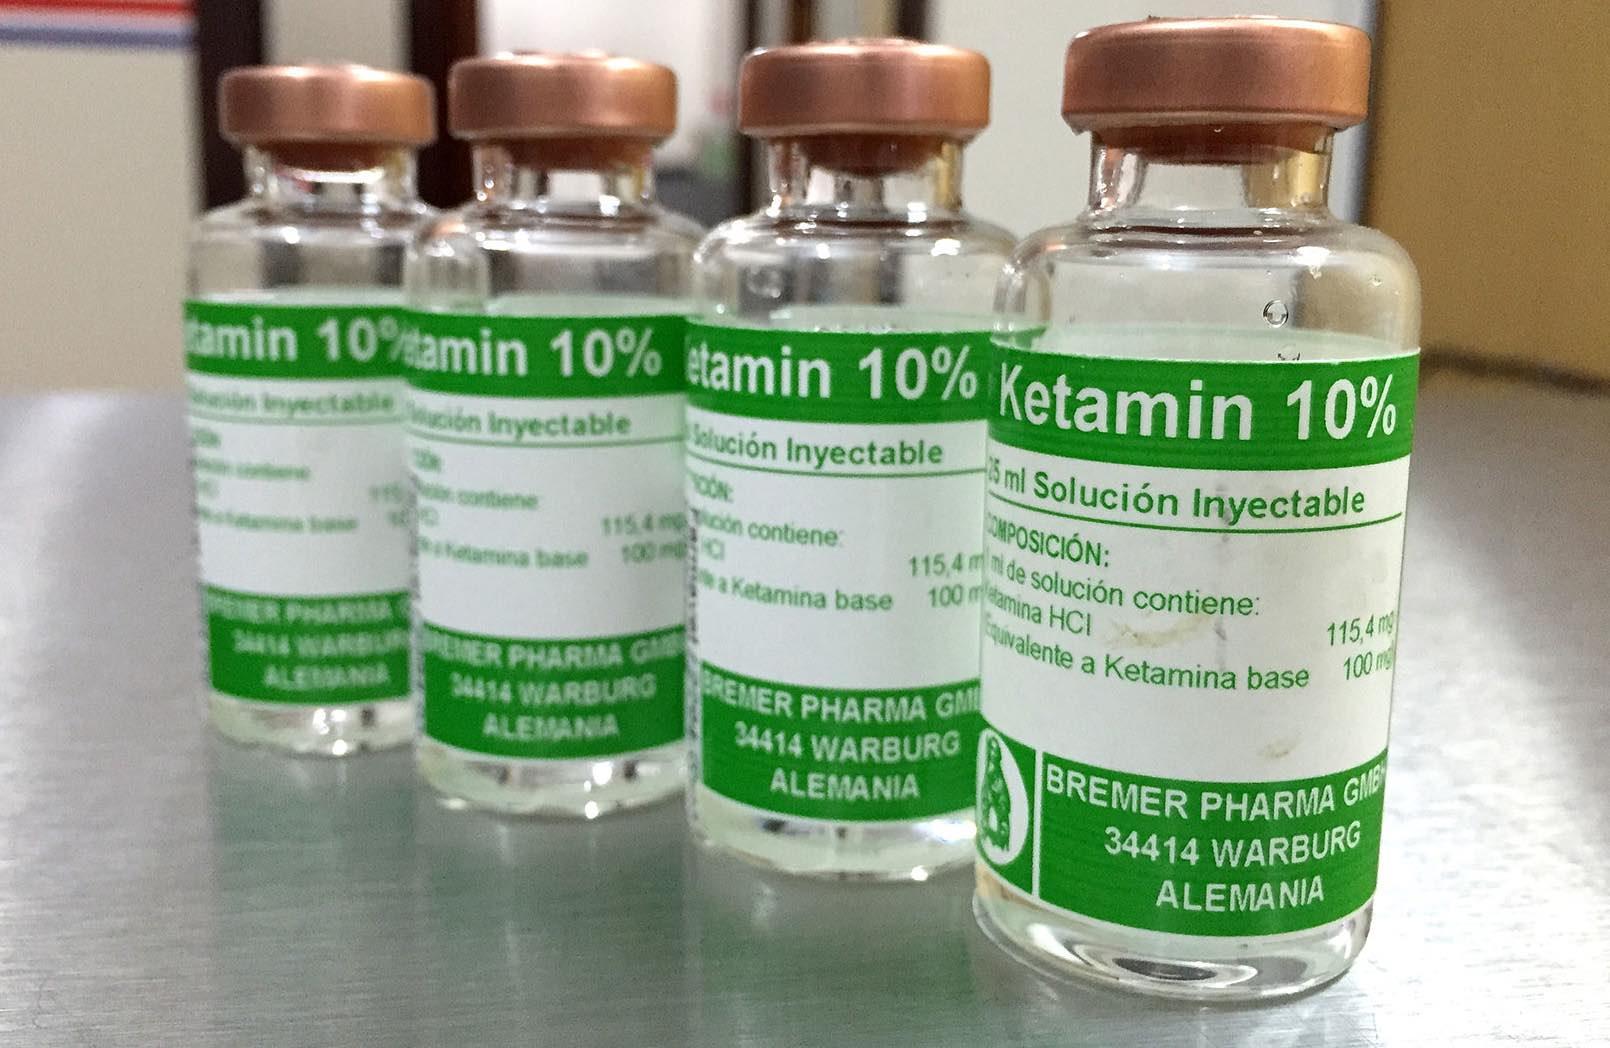 fb927ab8c2a Campanha de Redução de Danos MNS  Ketamina pode até parecer inofensiva mas  traz uma série de riscos. Saiba mais e seja consciente